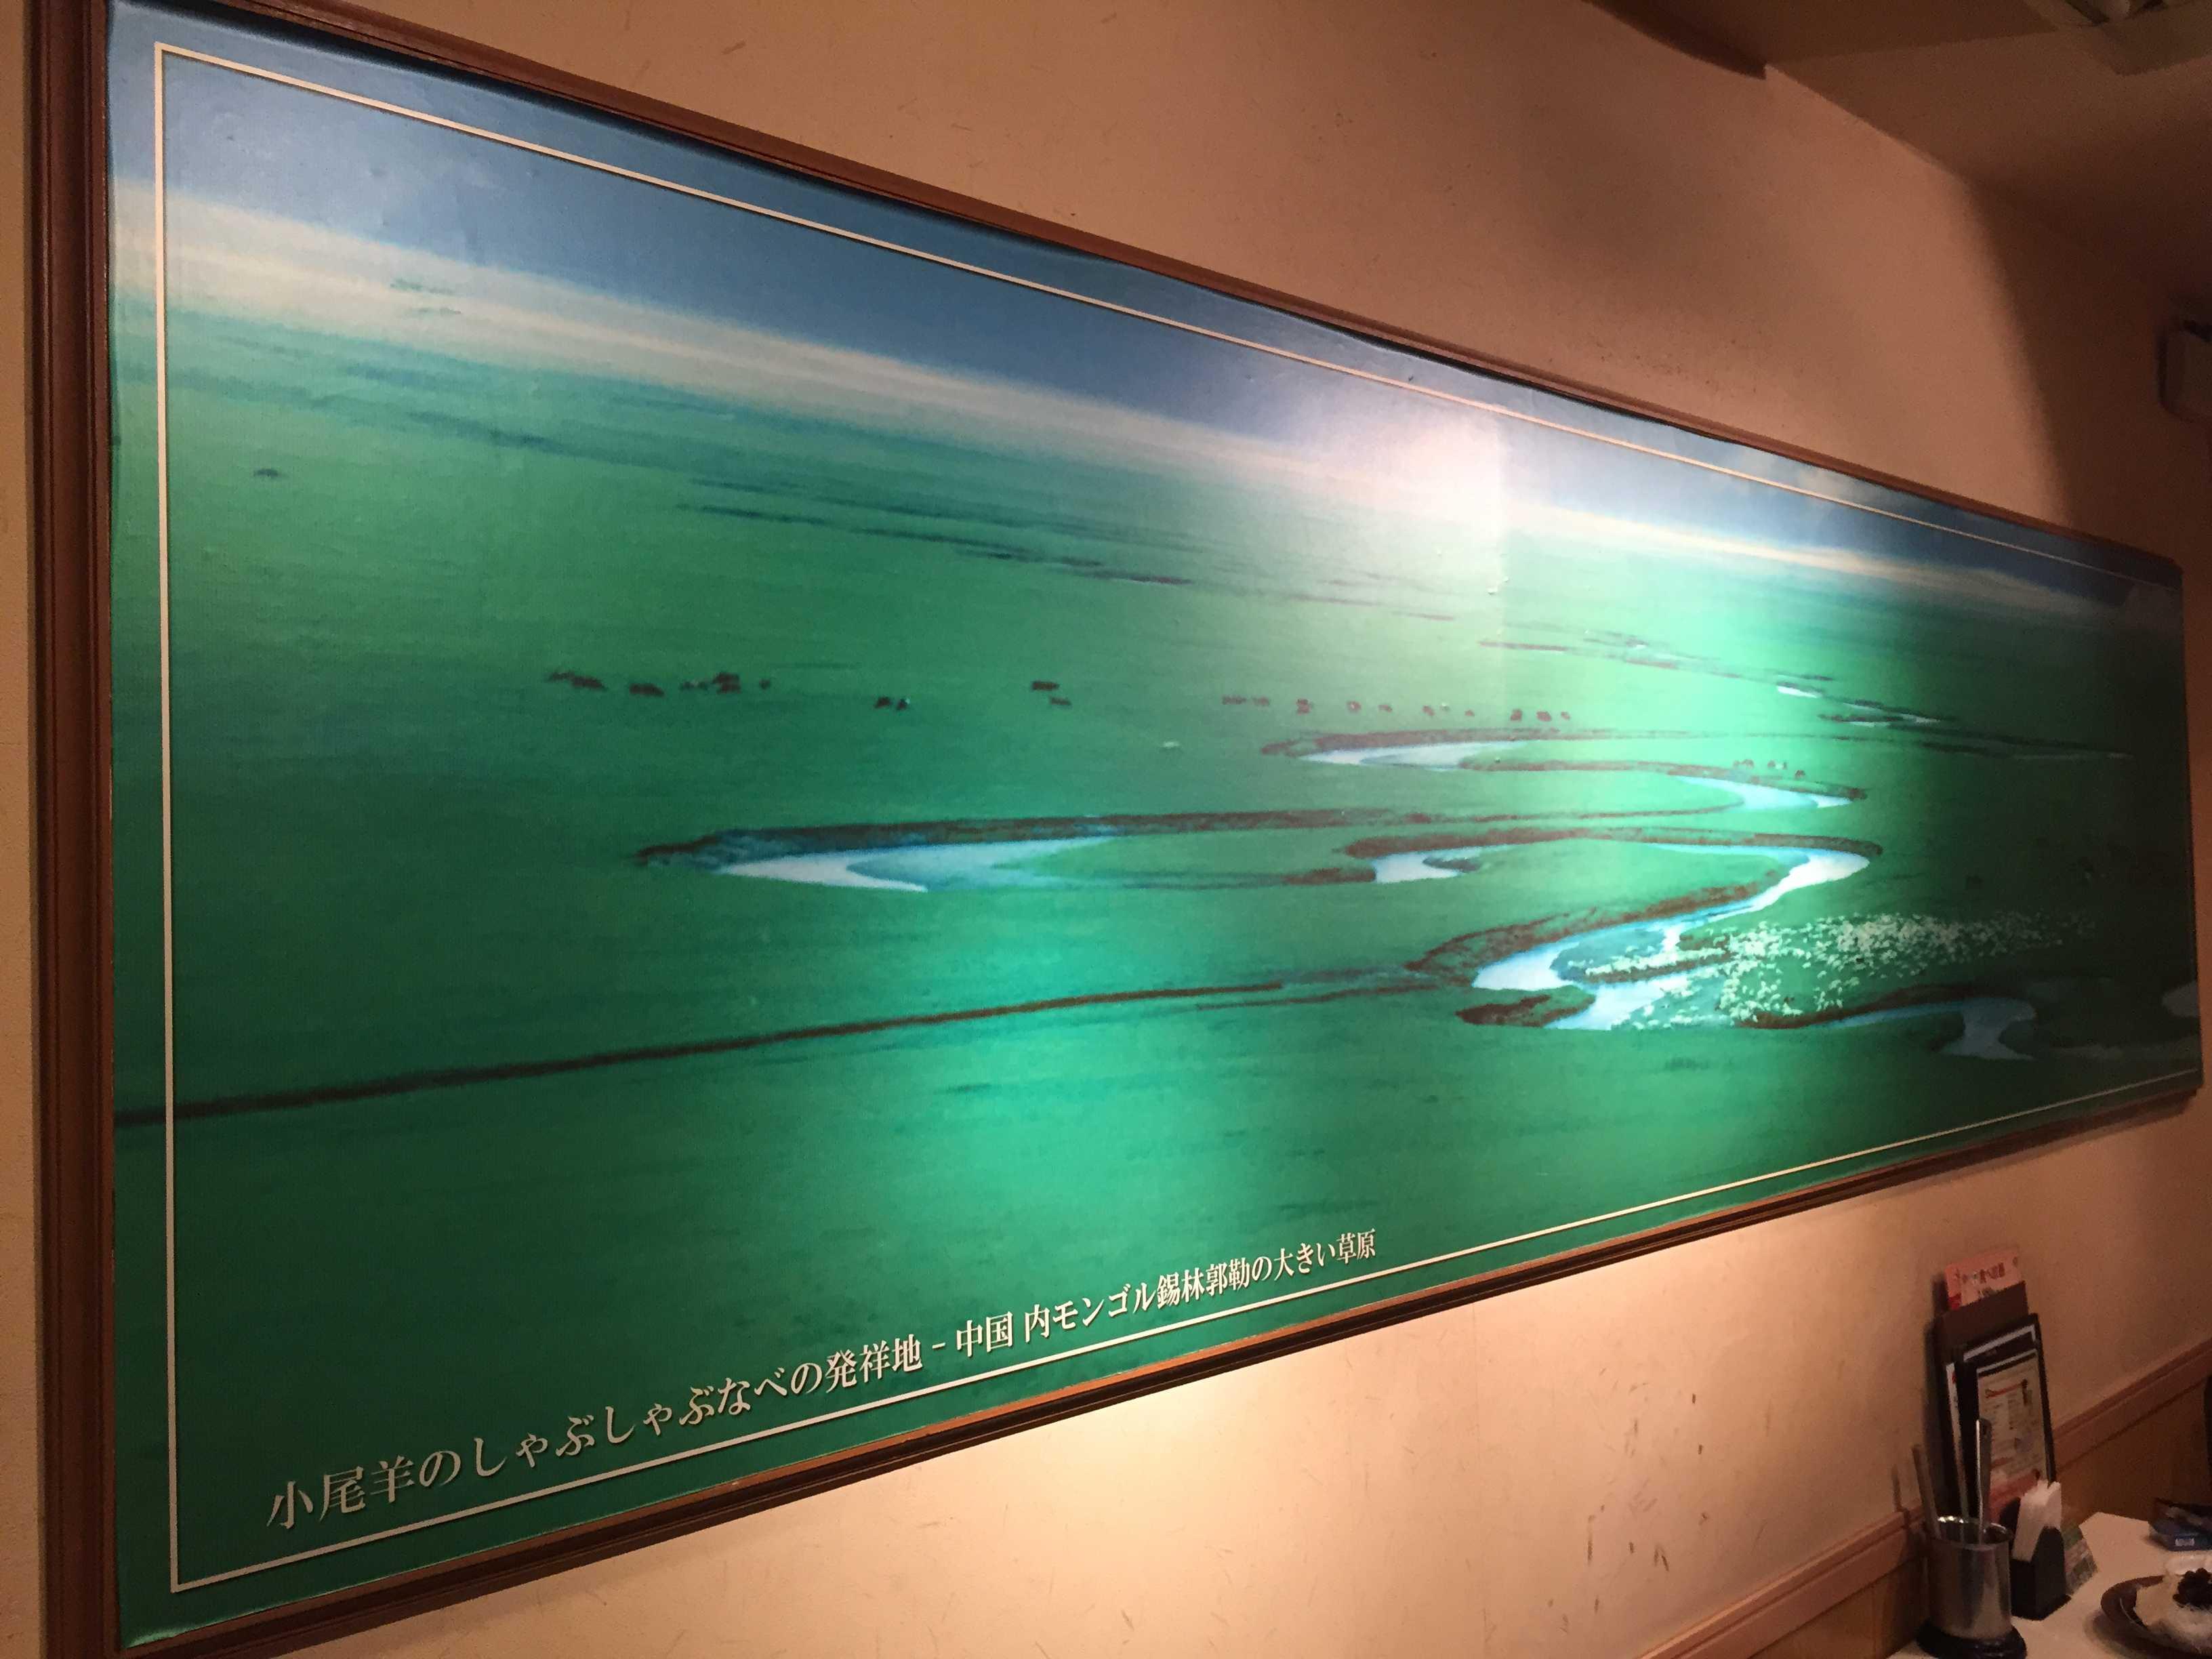 小尾羊のしゃぶしゃぶなべの発祥地 - 中国内モンゴル錫林郭勒(シリンゴル)の大きい草原の写真 - 小尾羊 新大久保店